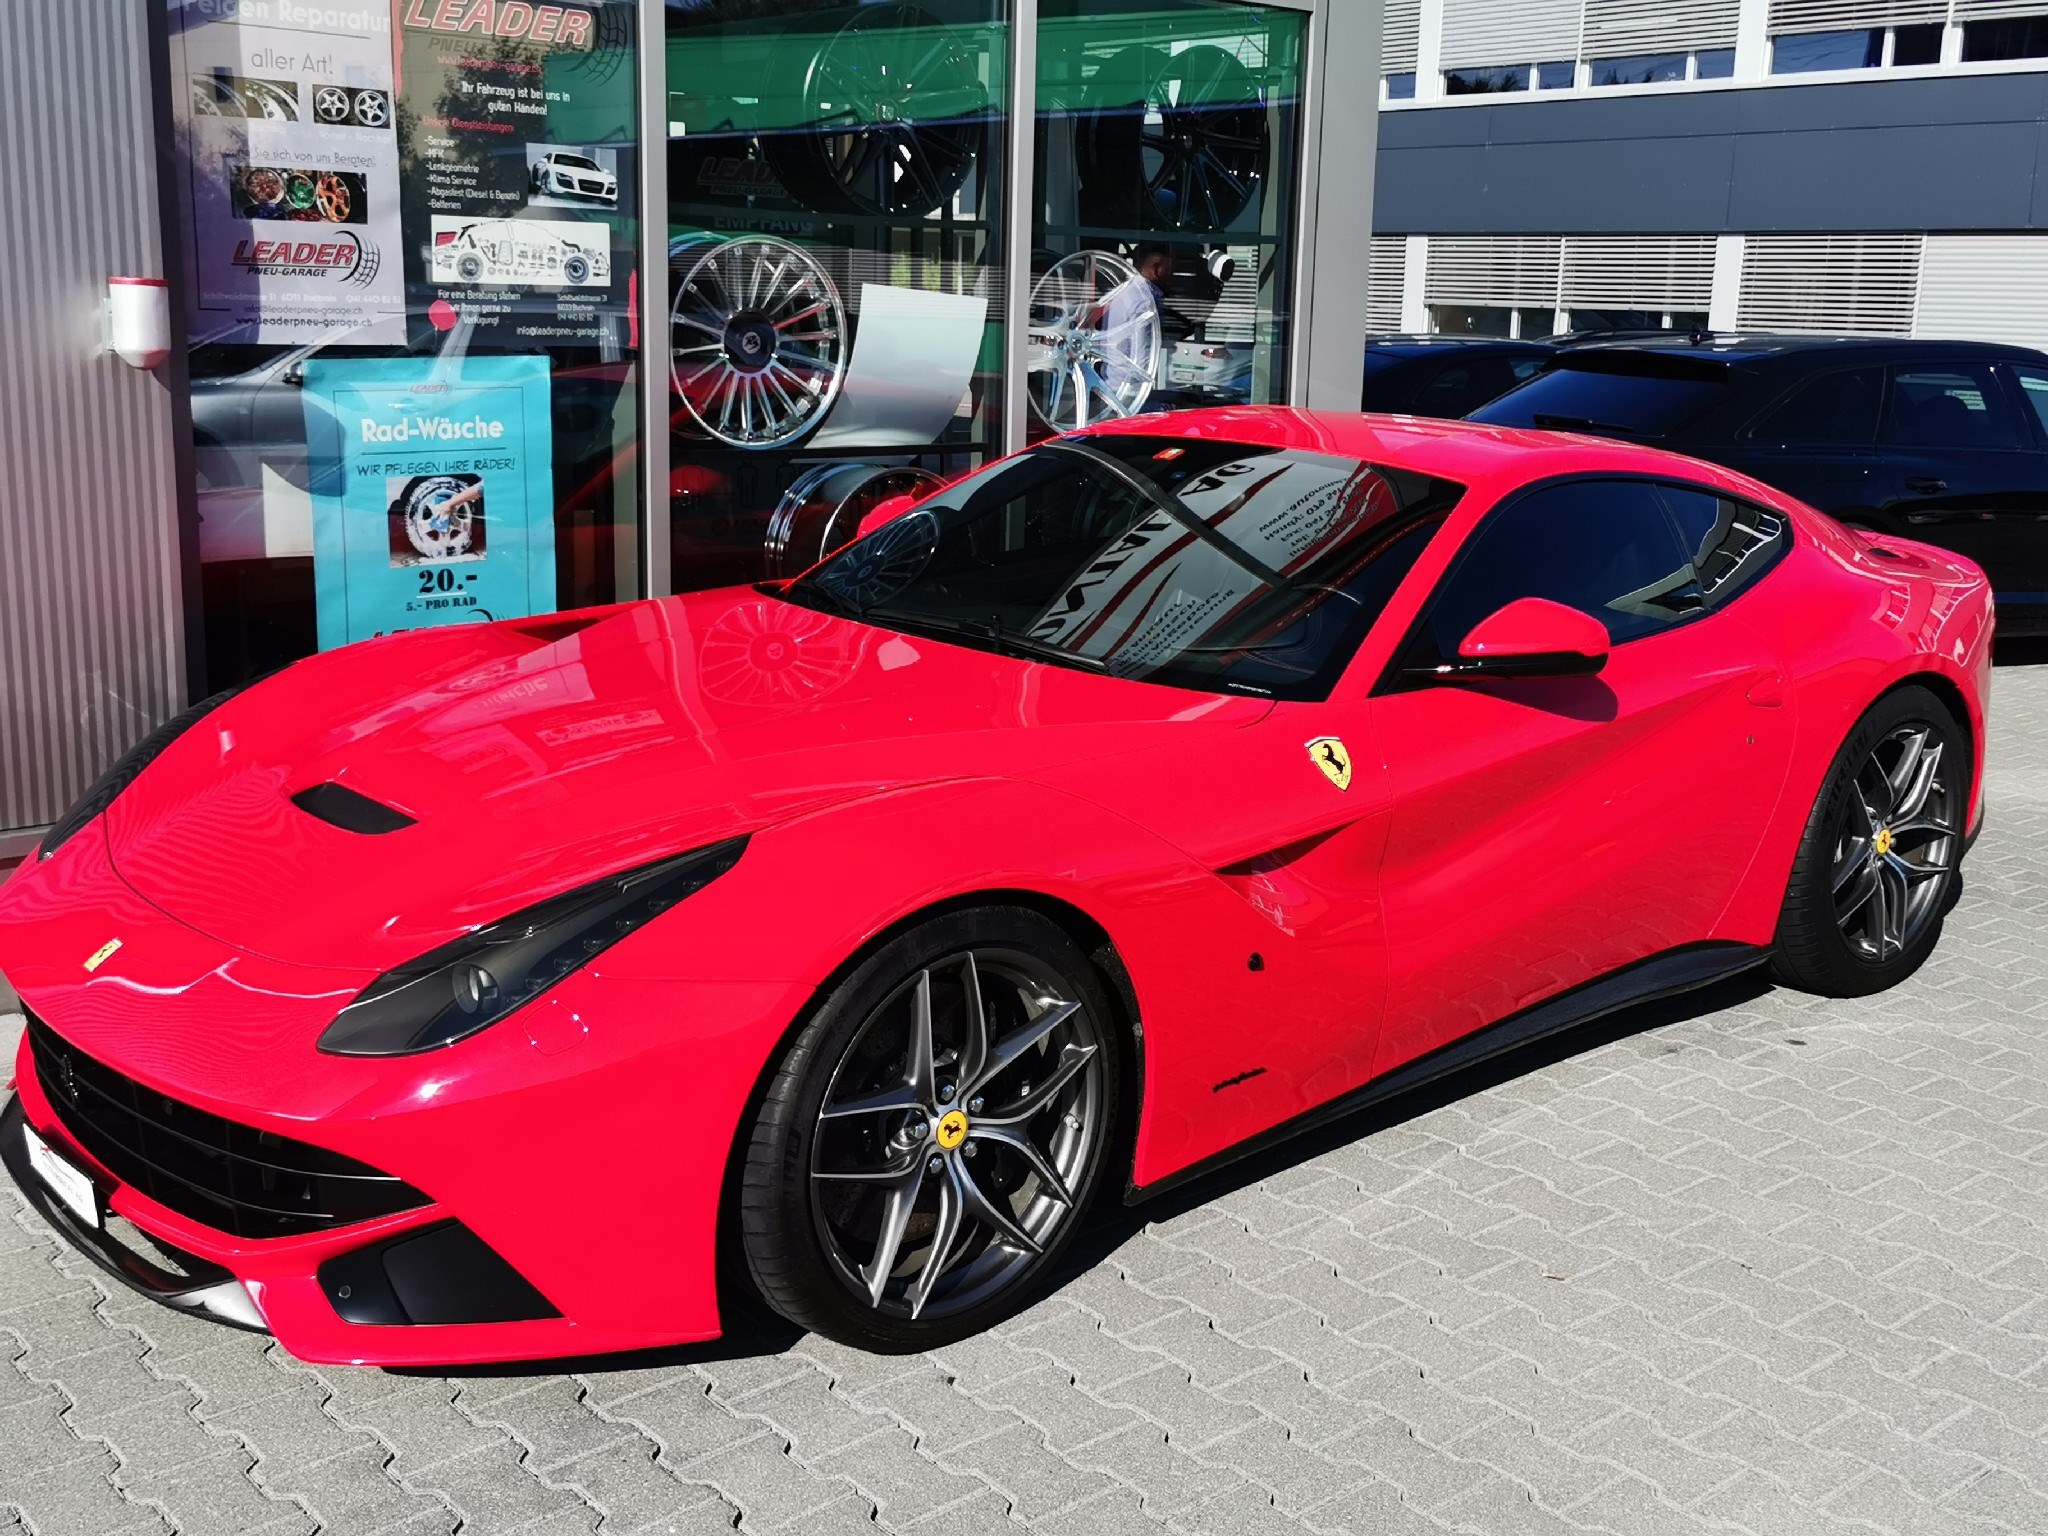 Gebraucht Sportwagen Ferrari F12 Berlinetta 29900 Km Für 239988 Chf Kaufen Auf Carforyou Ch